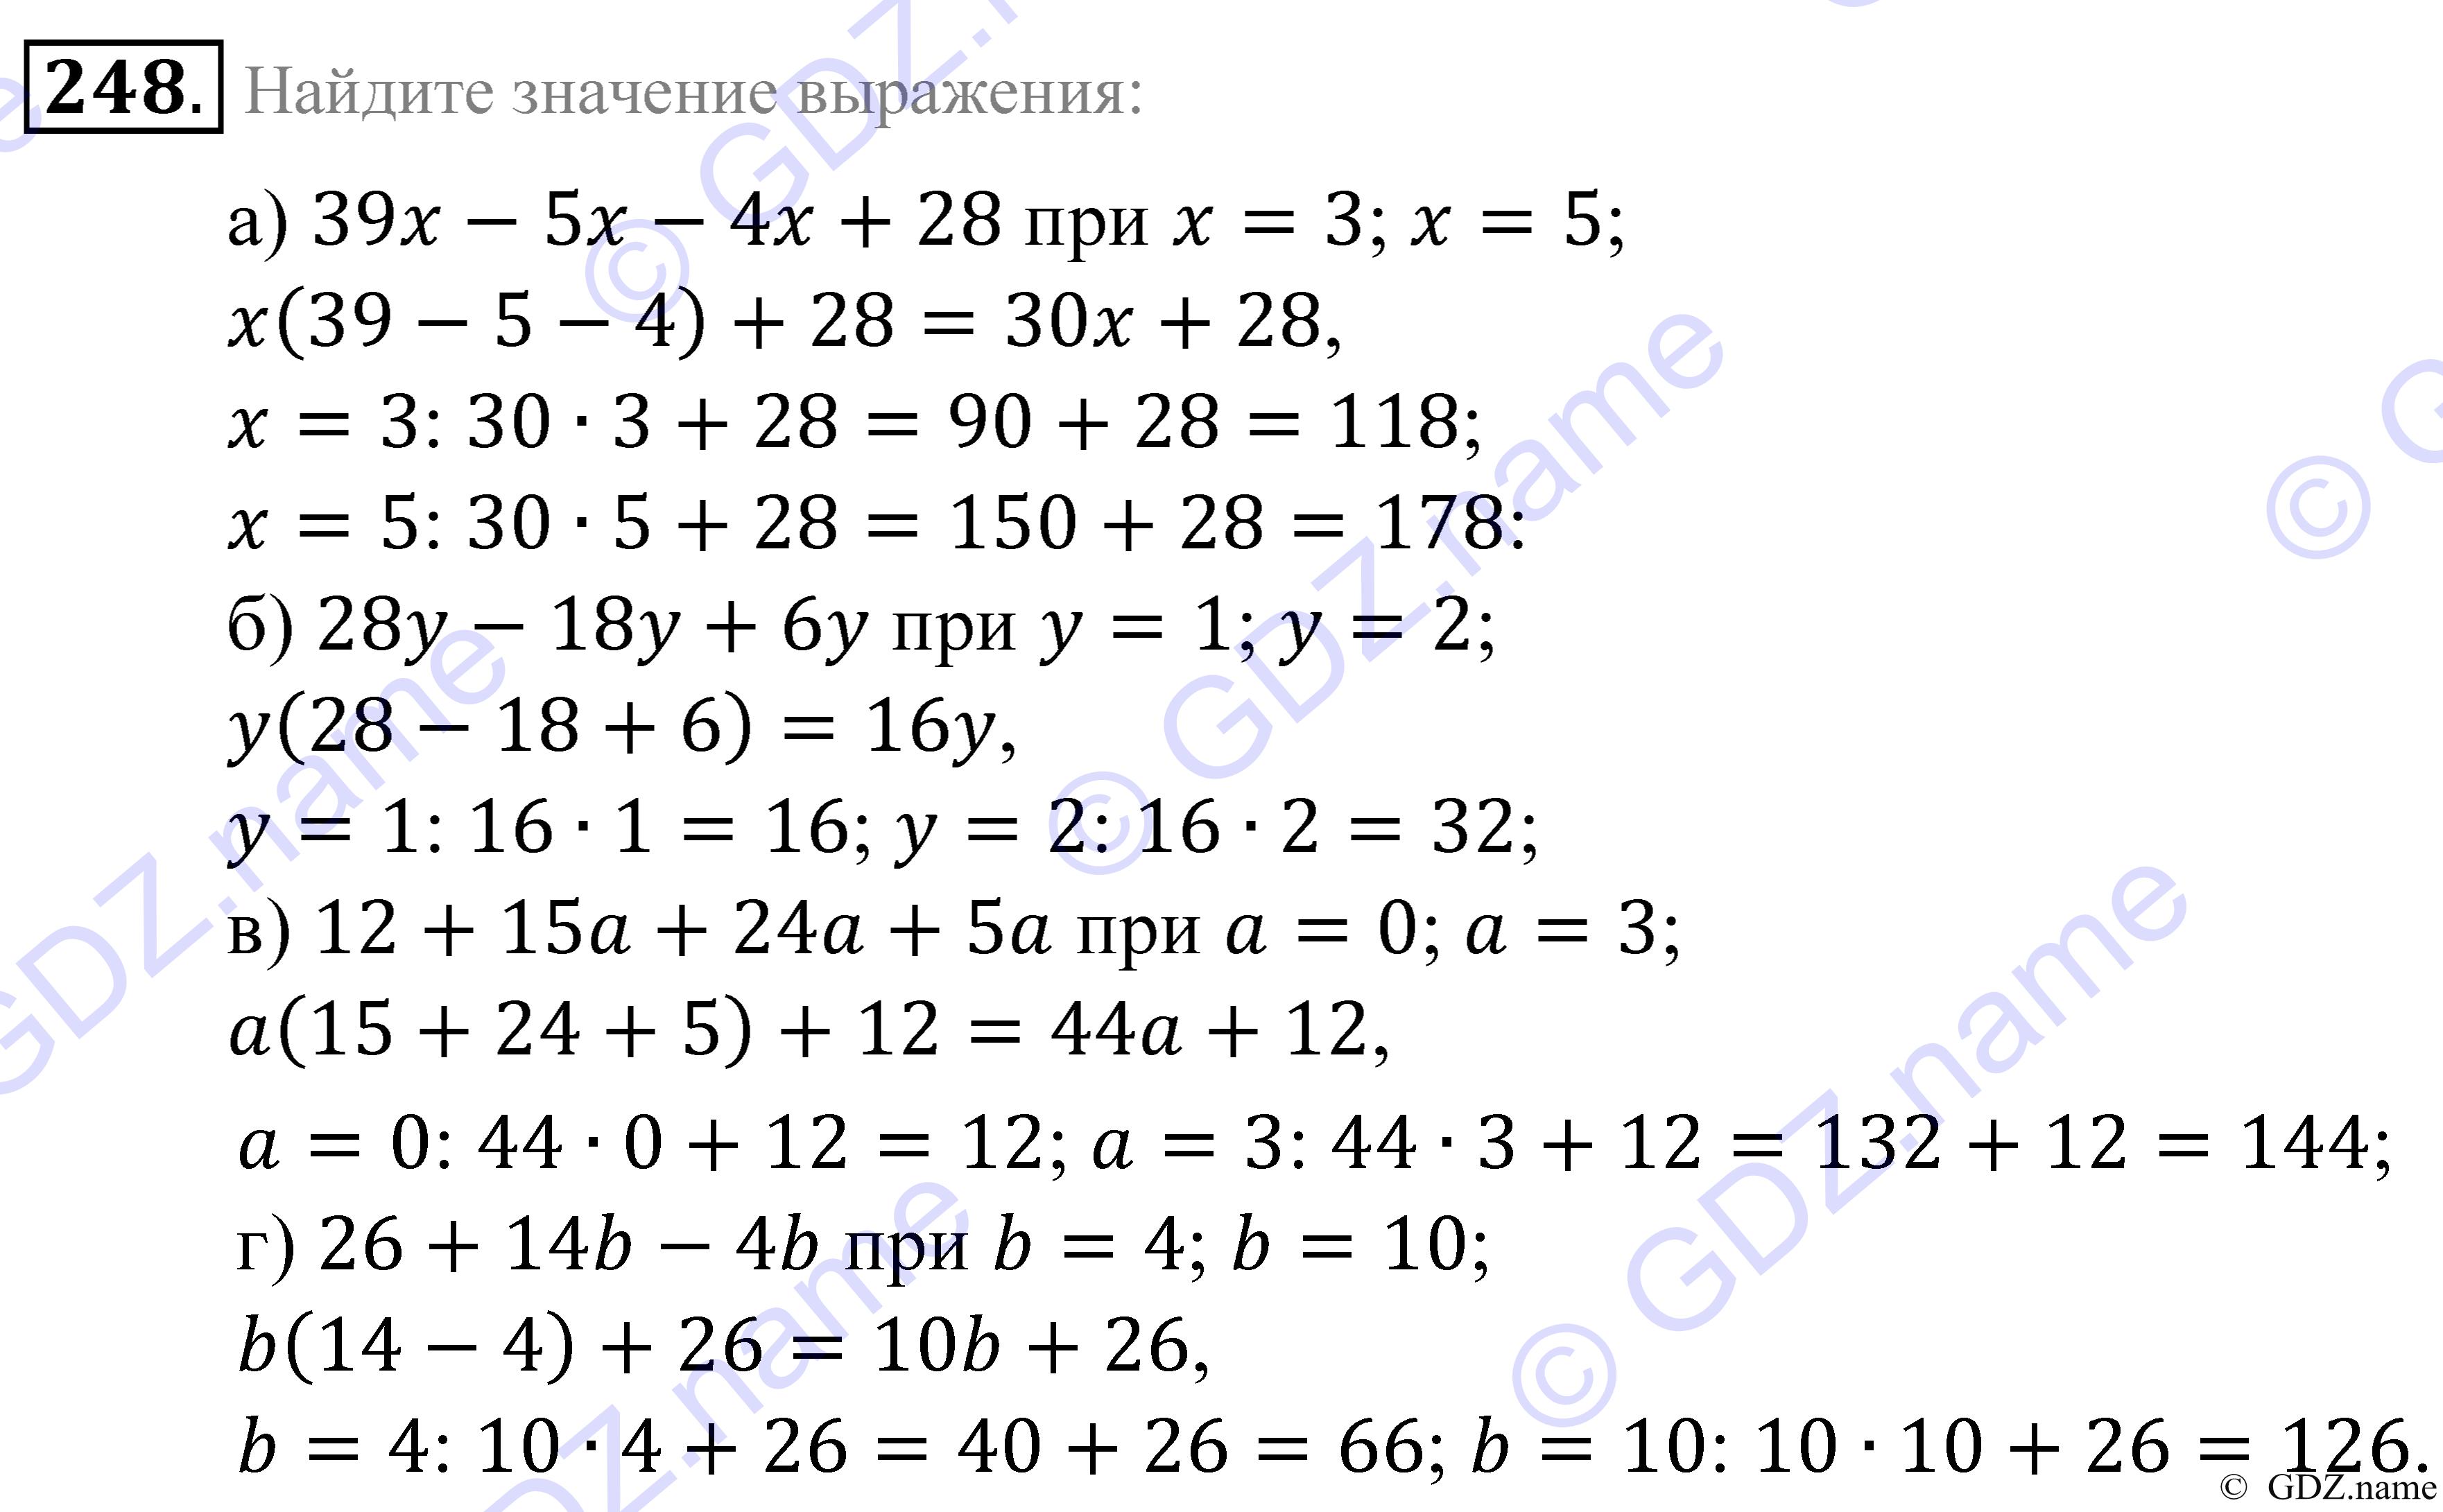 Решебник по математике википедия 618 5 класса